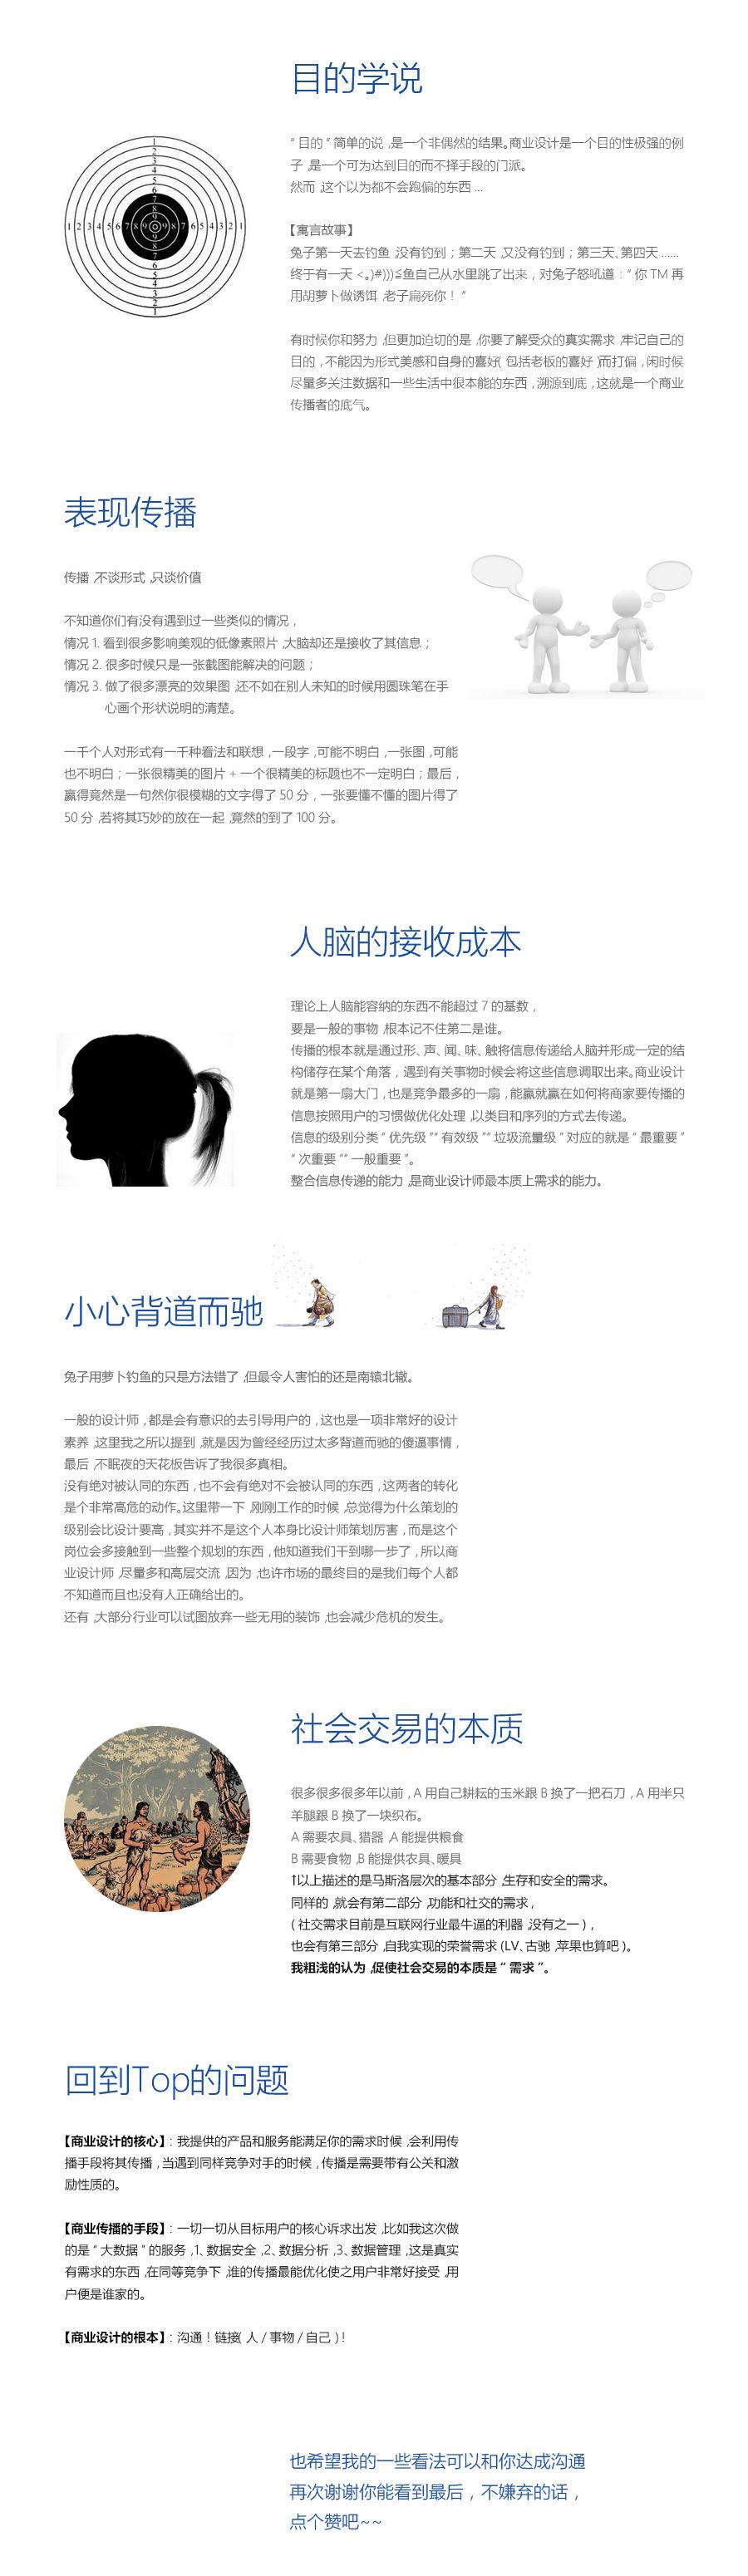 营销论传播2.jpg